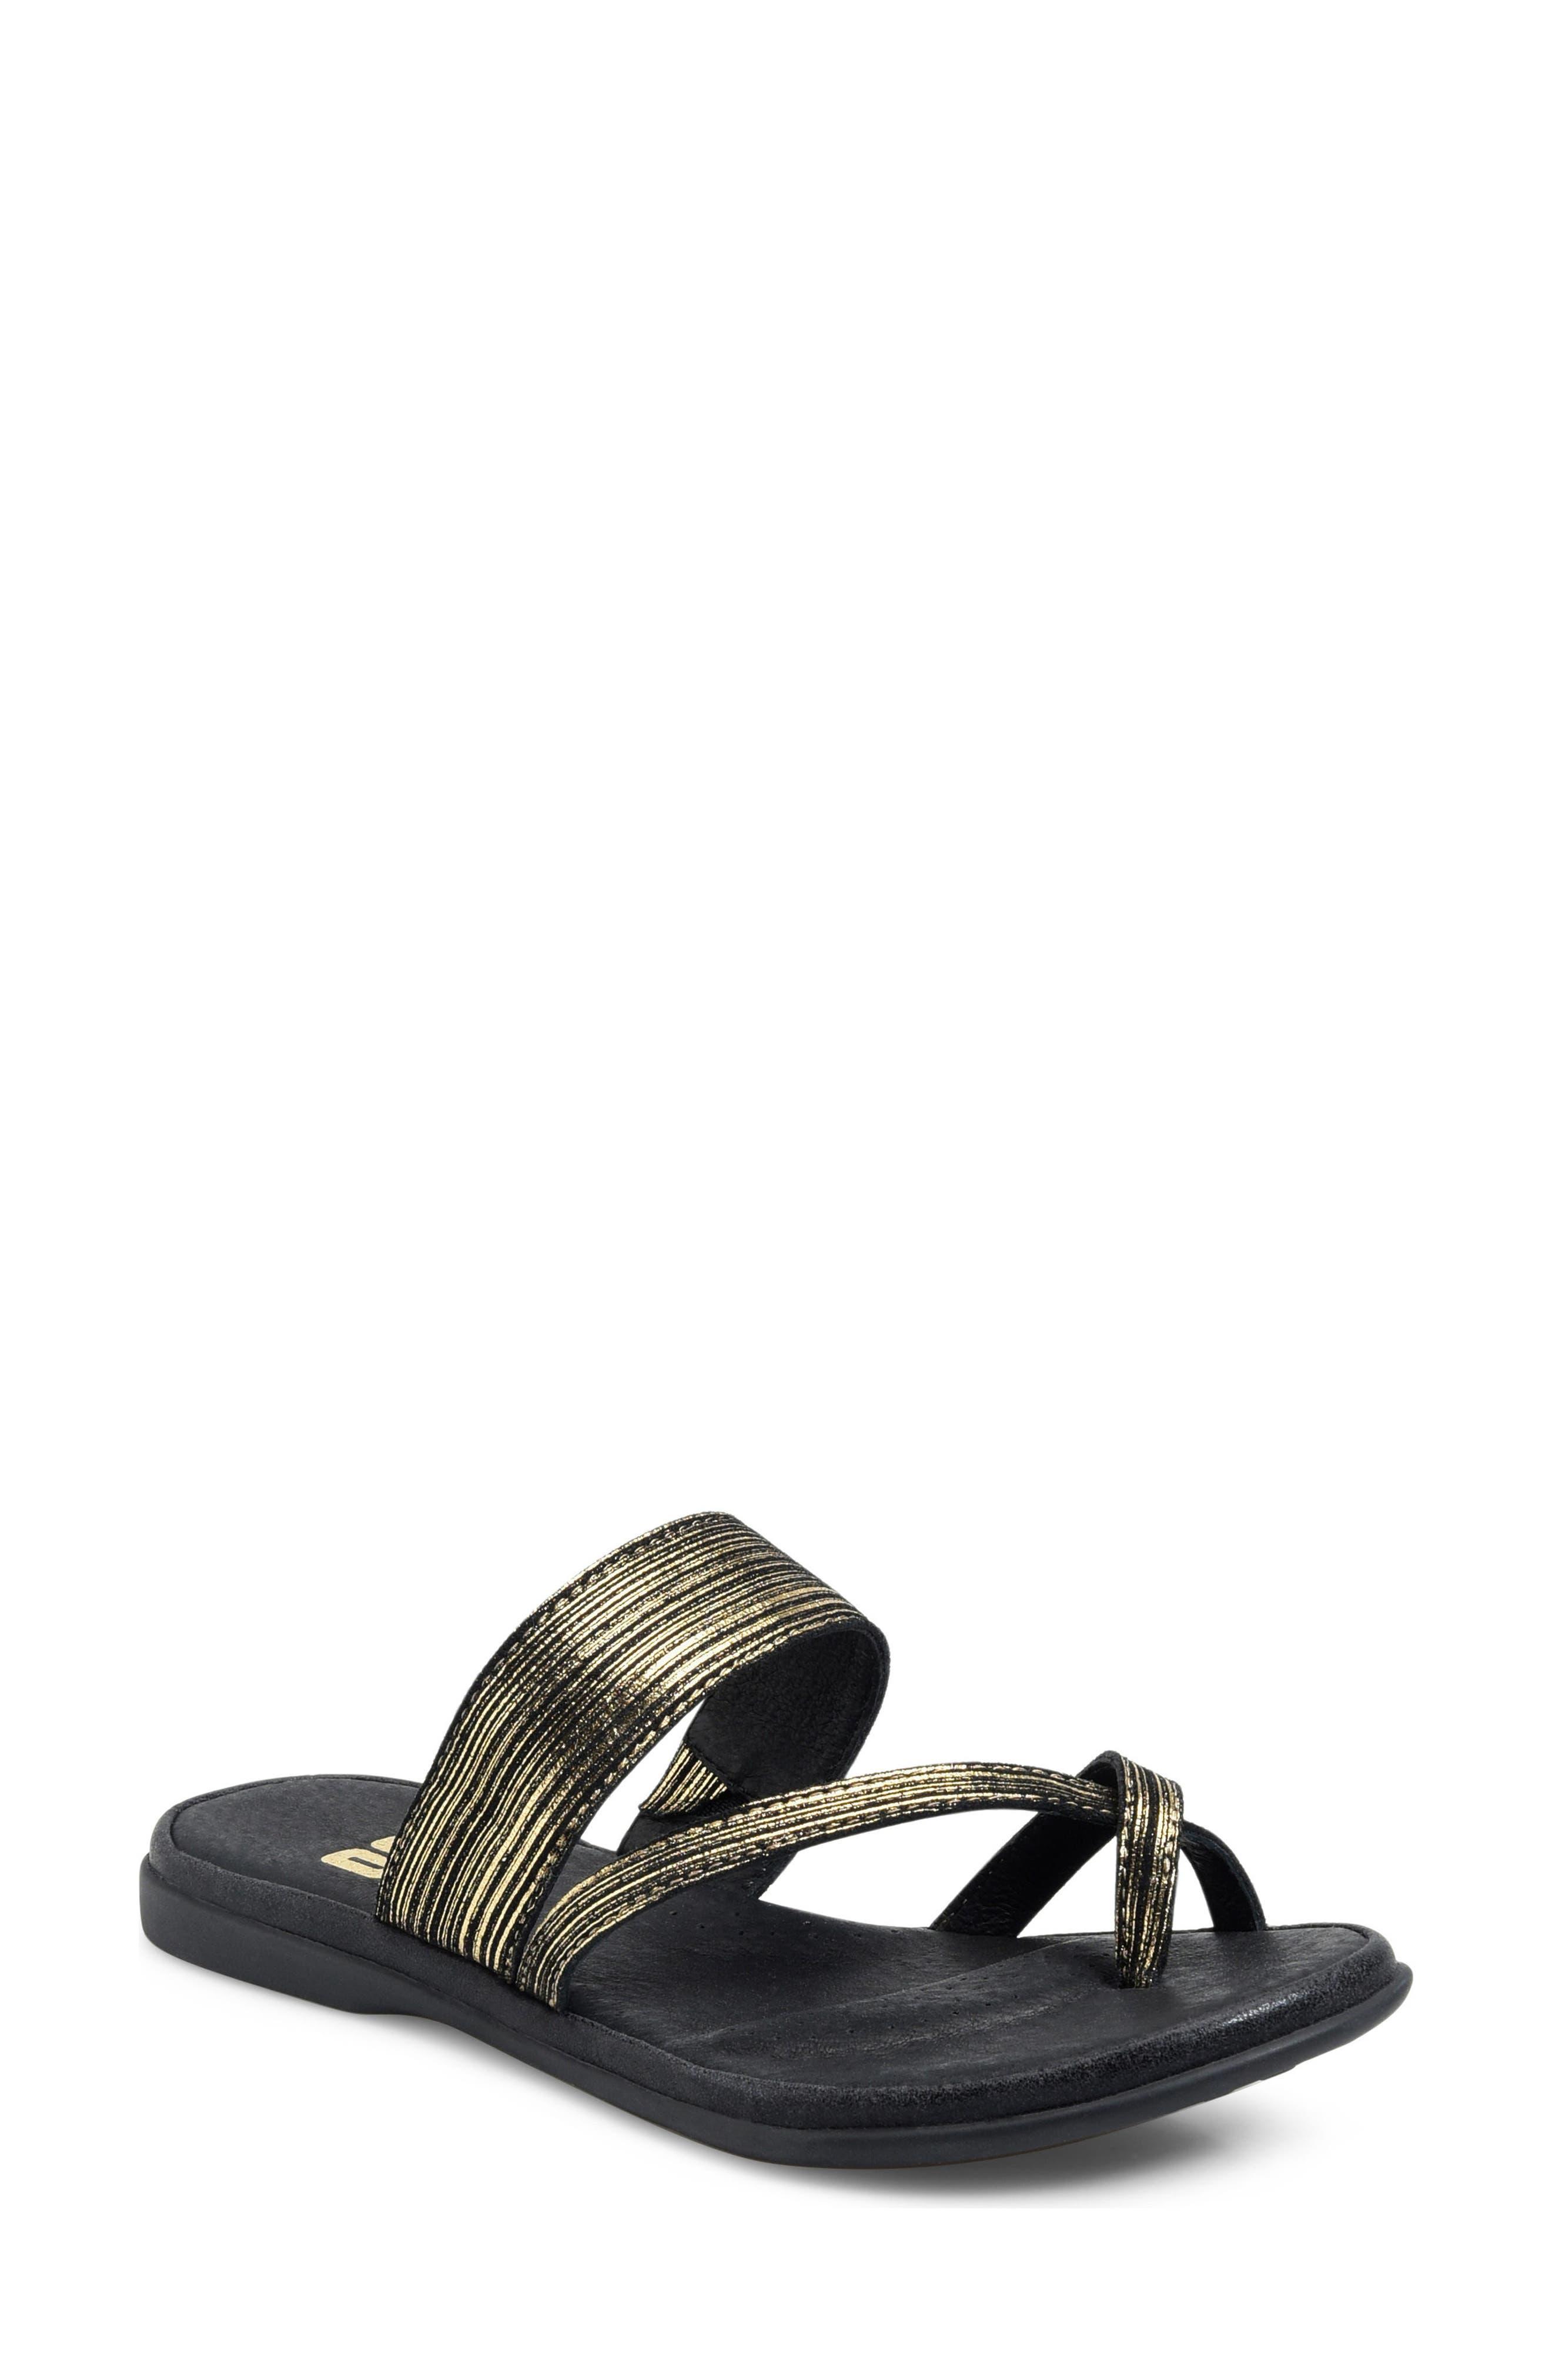 Kia Sandal,                             Main thumbnail 1, color,                             Black/ Gold Leather